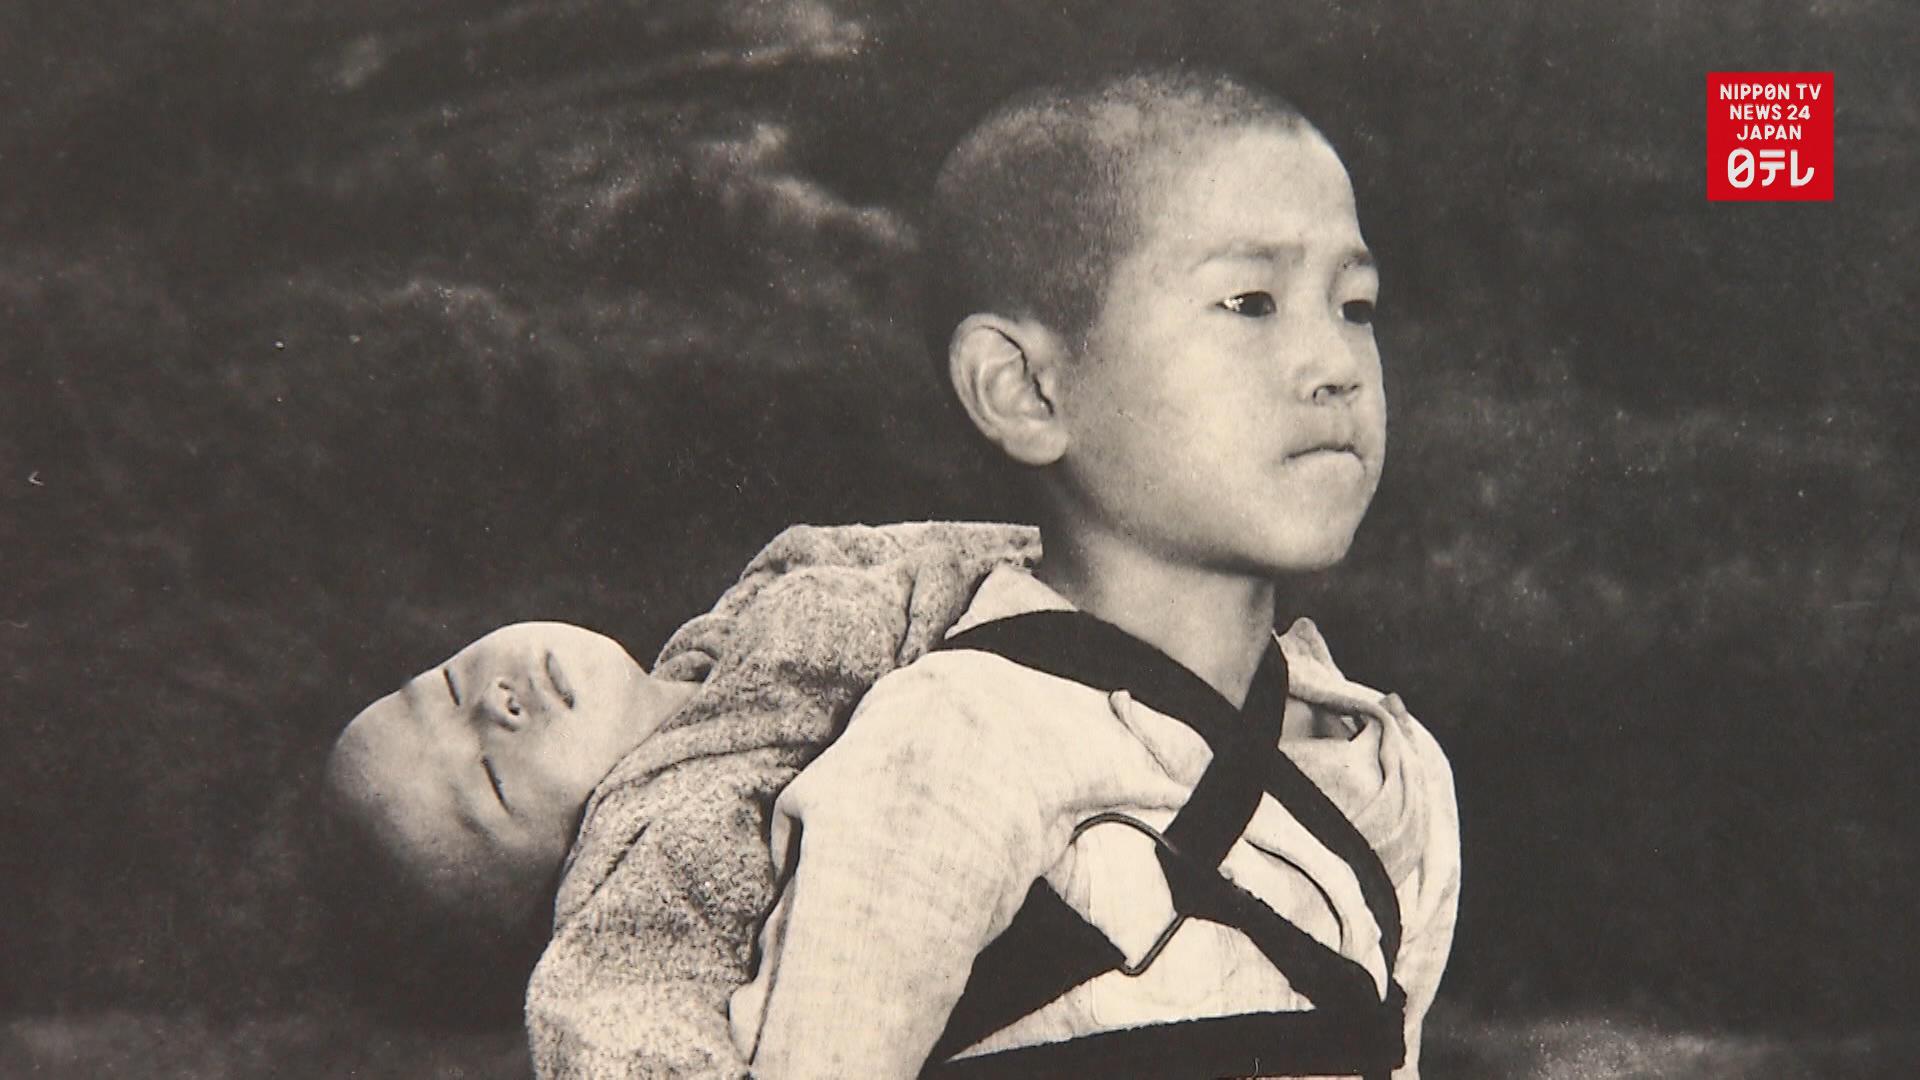 Iconic Nagasaki photo lives on